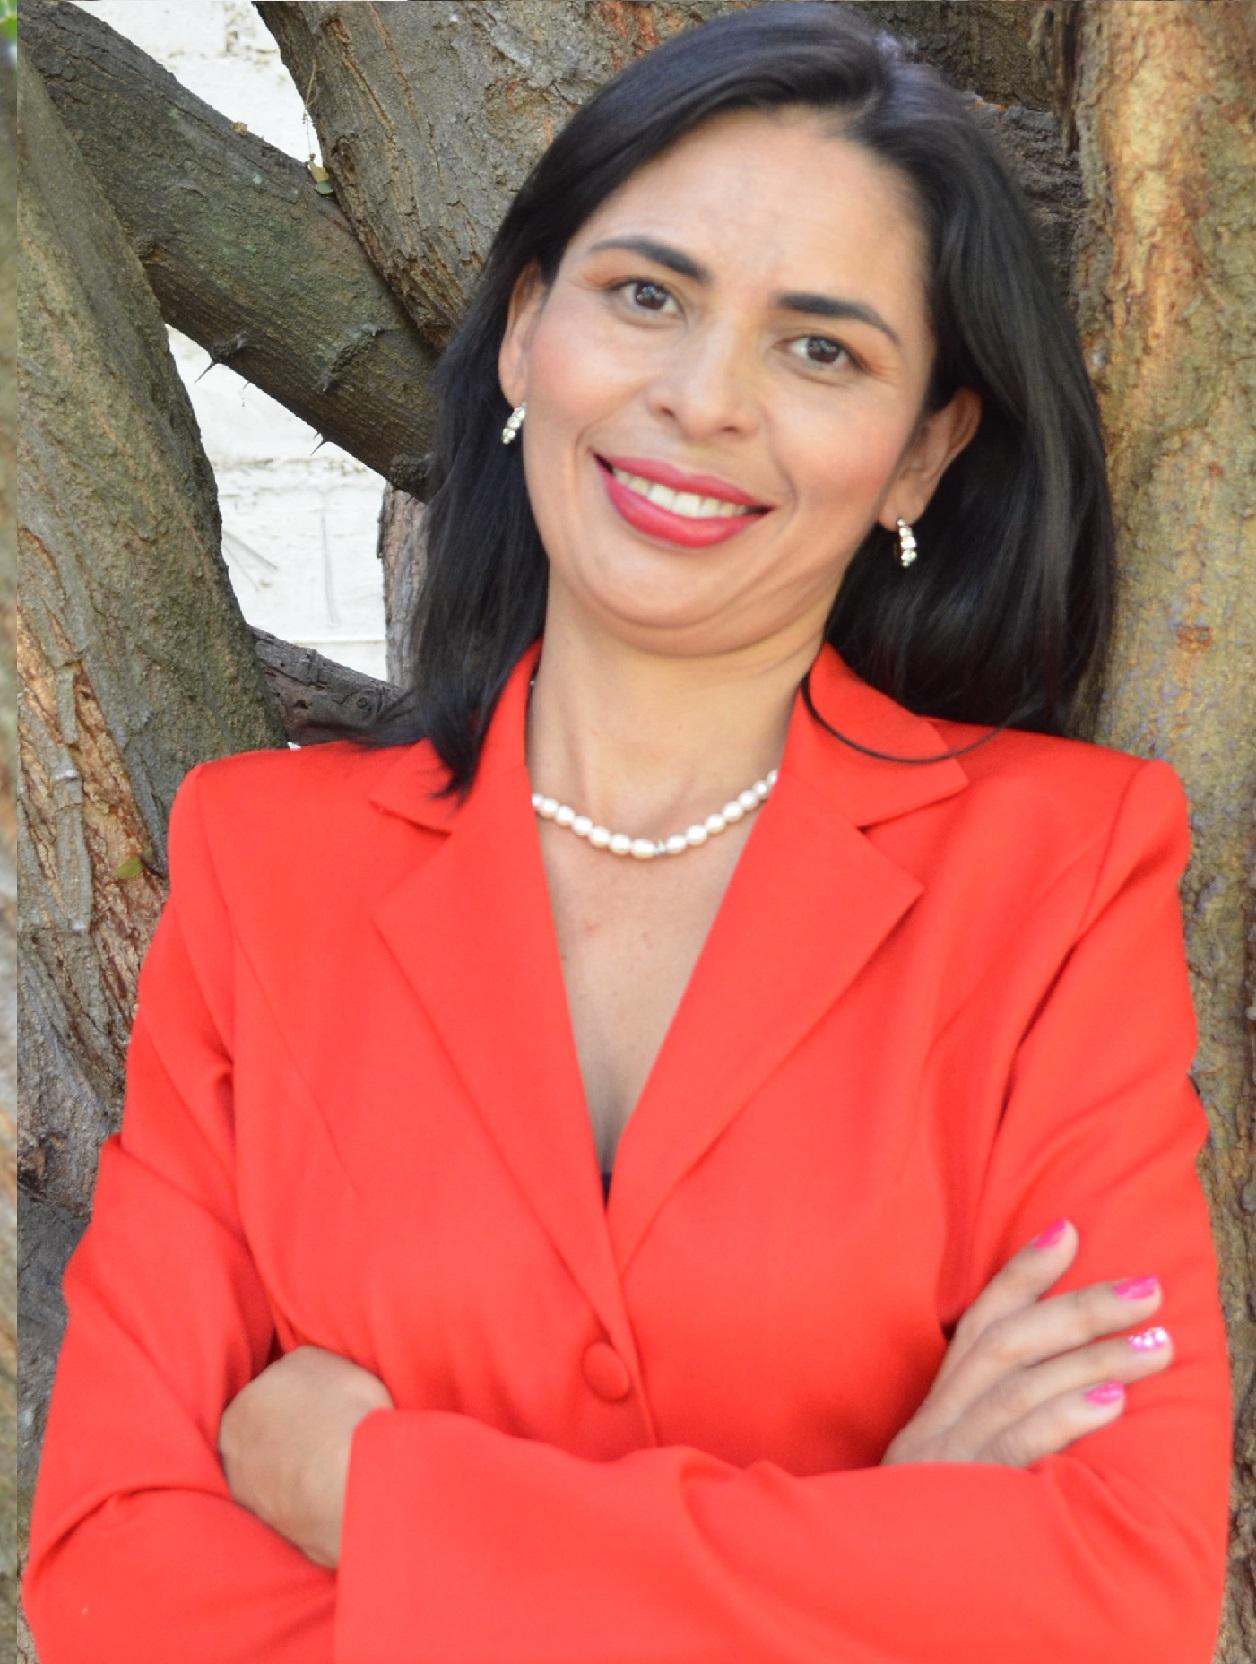 Ana María Valera